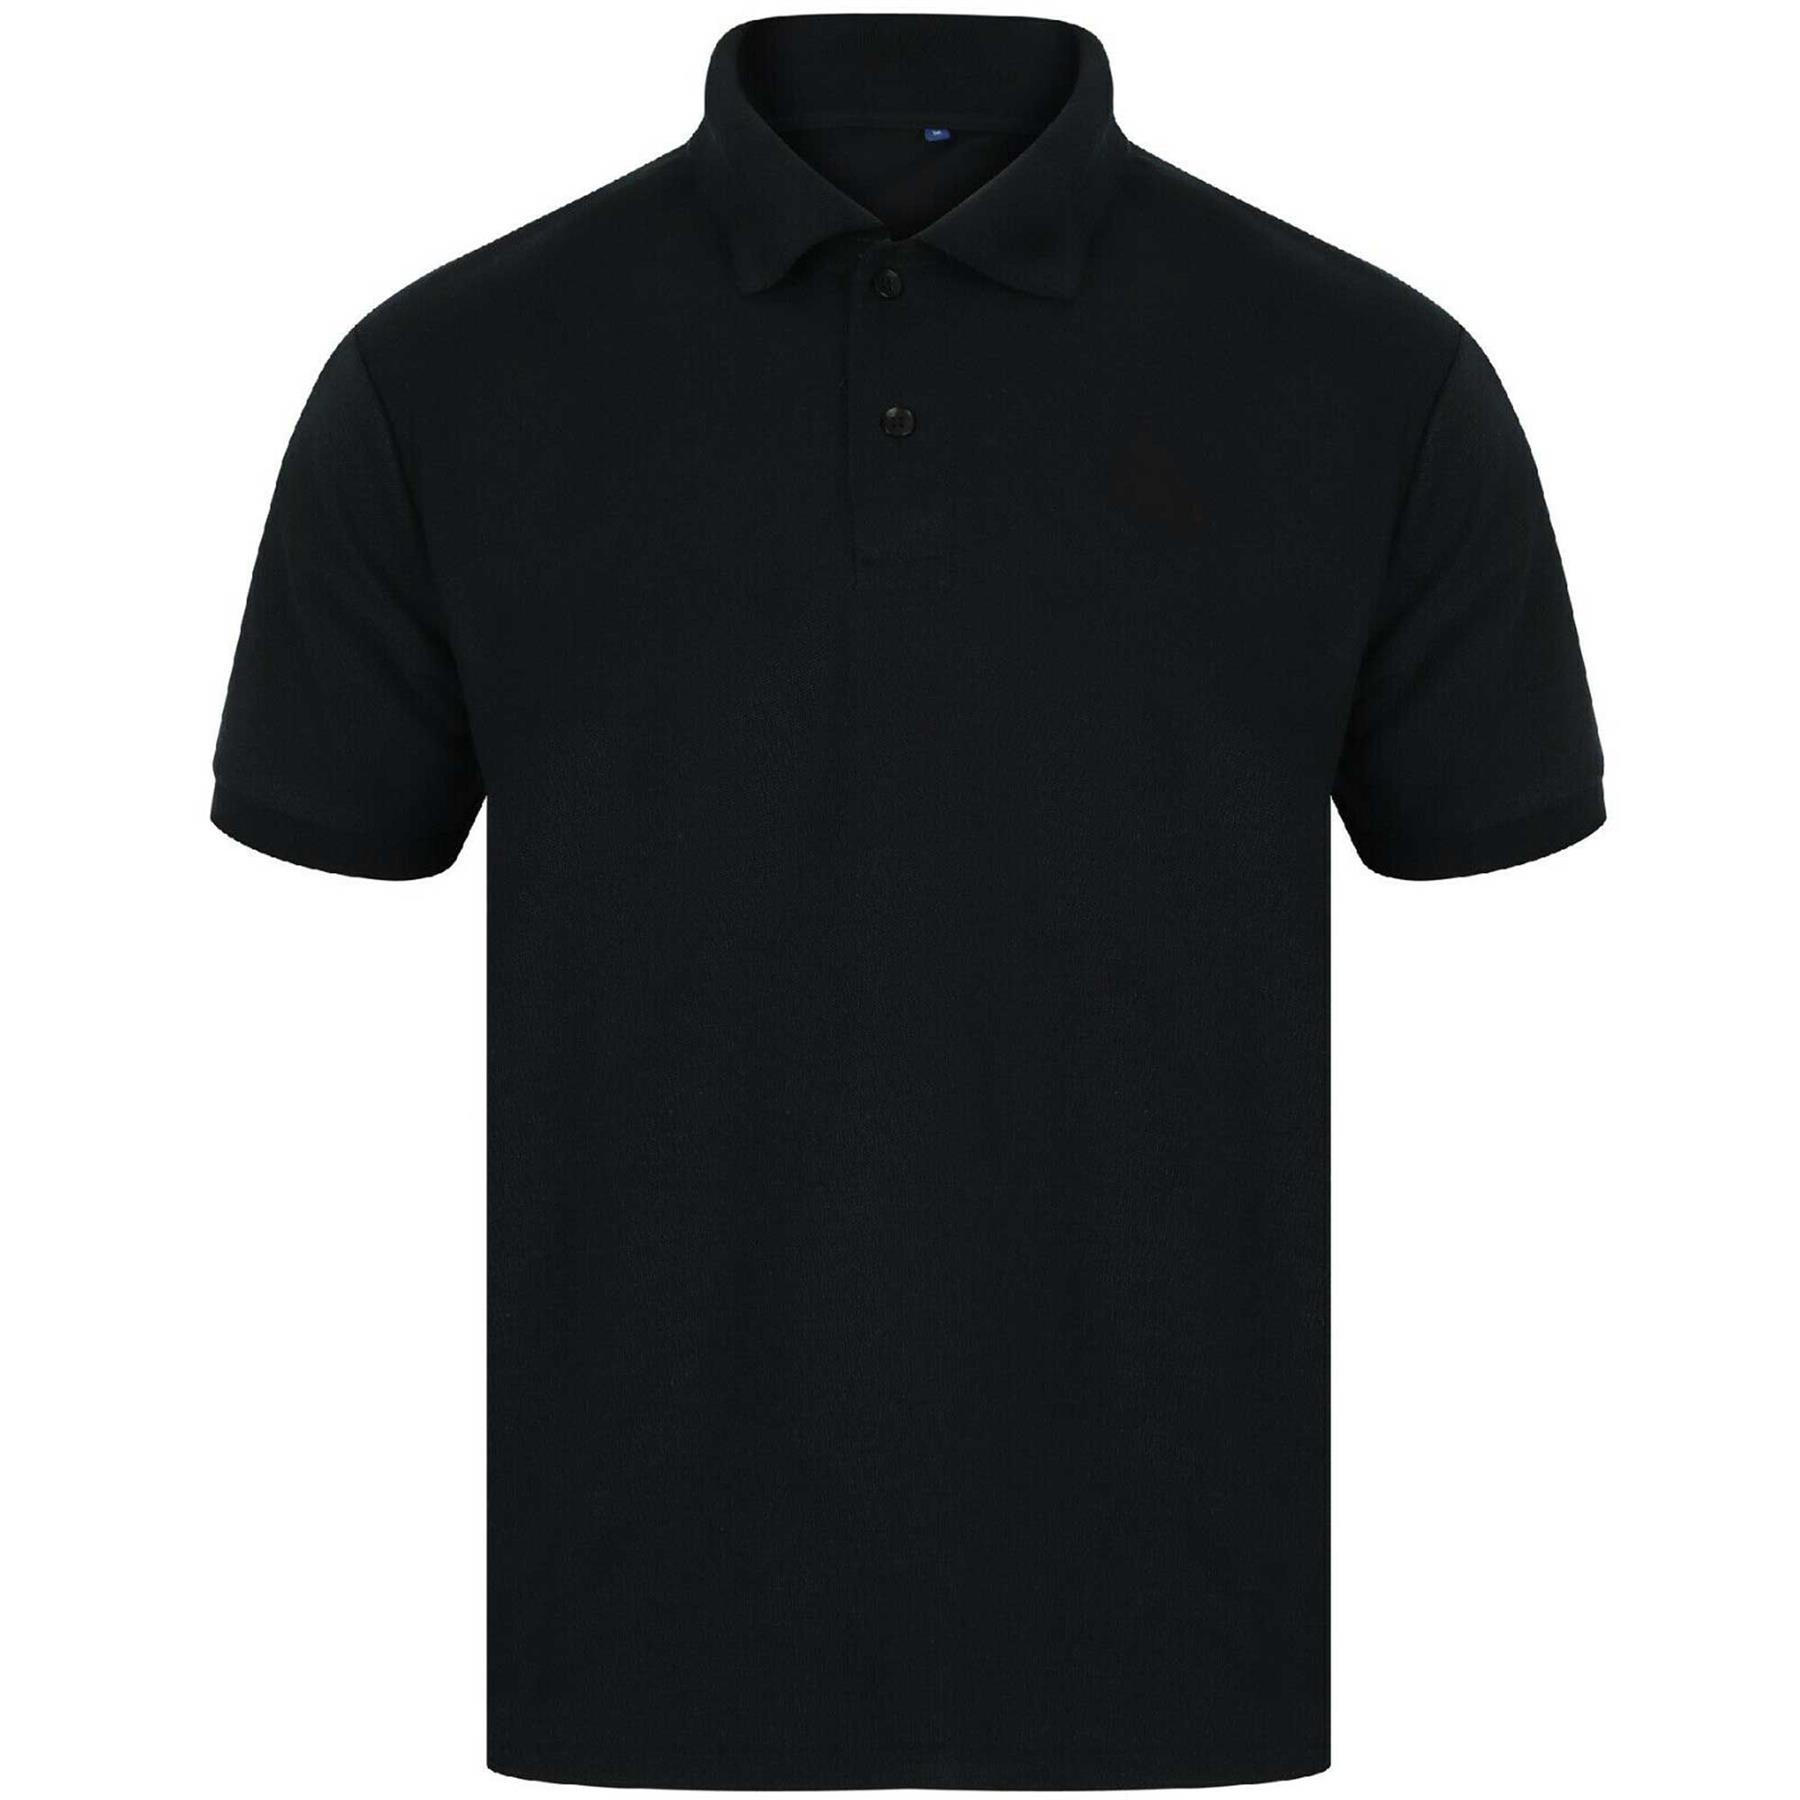 Indexbild 5 - Herren Polohemd Freizeit T-Shirts Neu Schlicht Kurzärmeliges Regular Fit